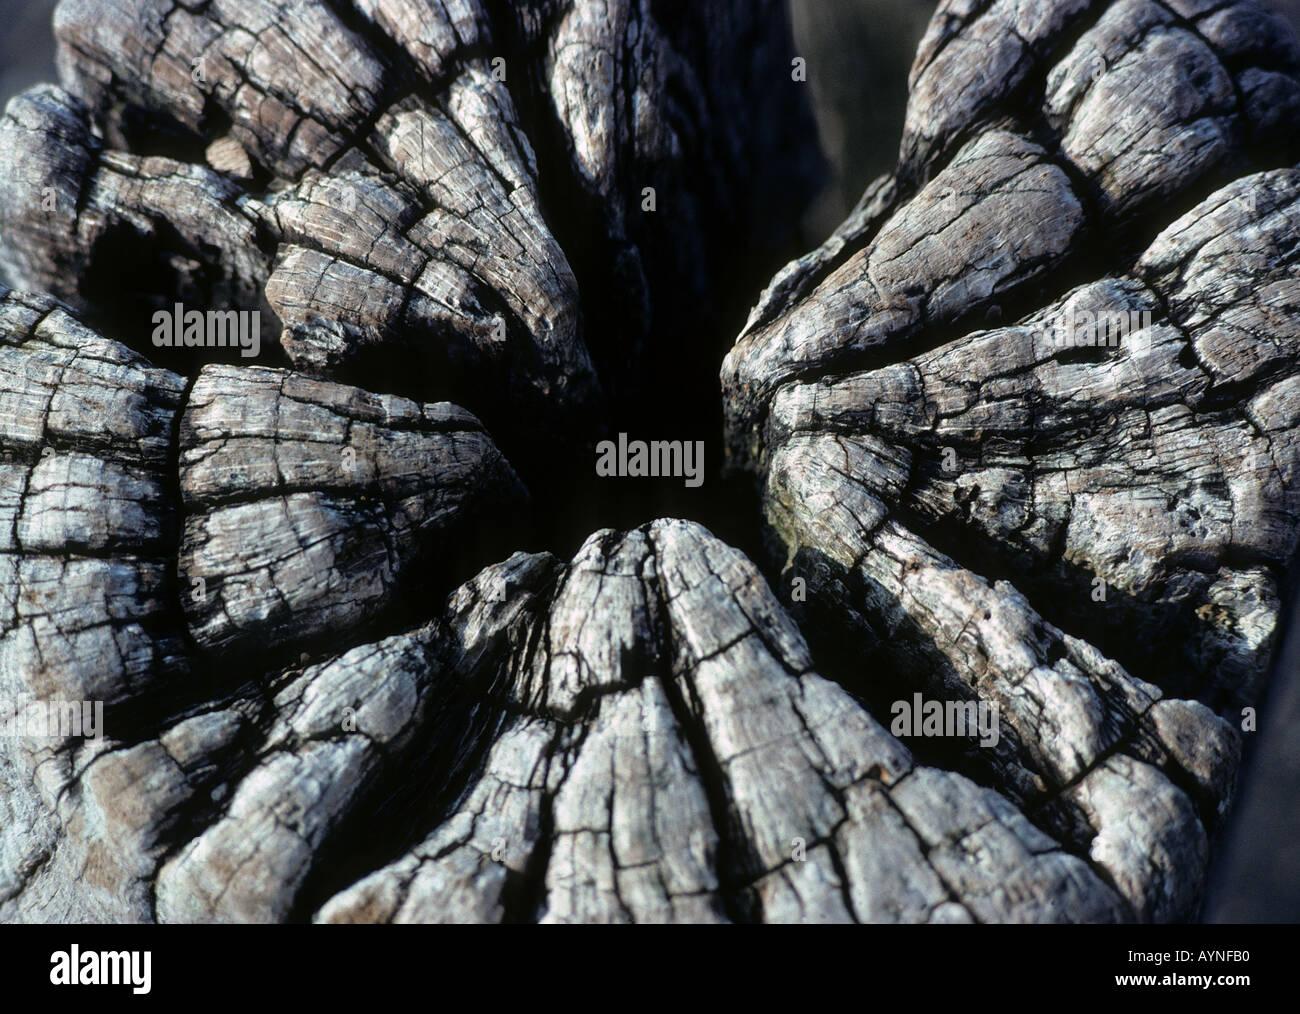 Close up weathered legno sbiancato moncone di supporto di un molo abbandonati Foto Stock